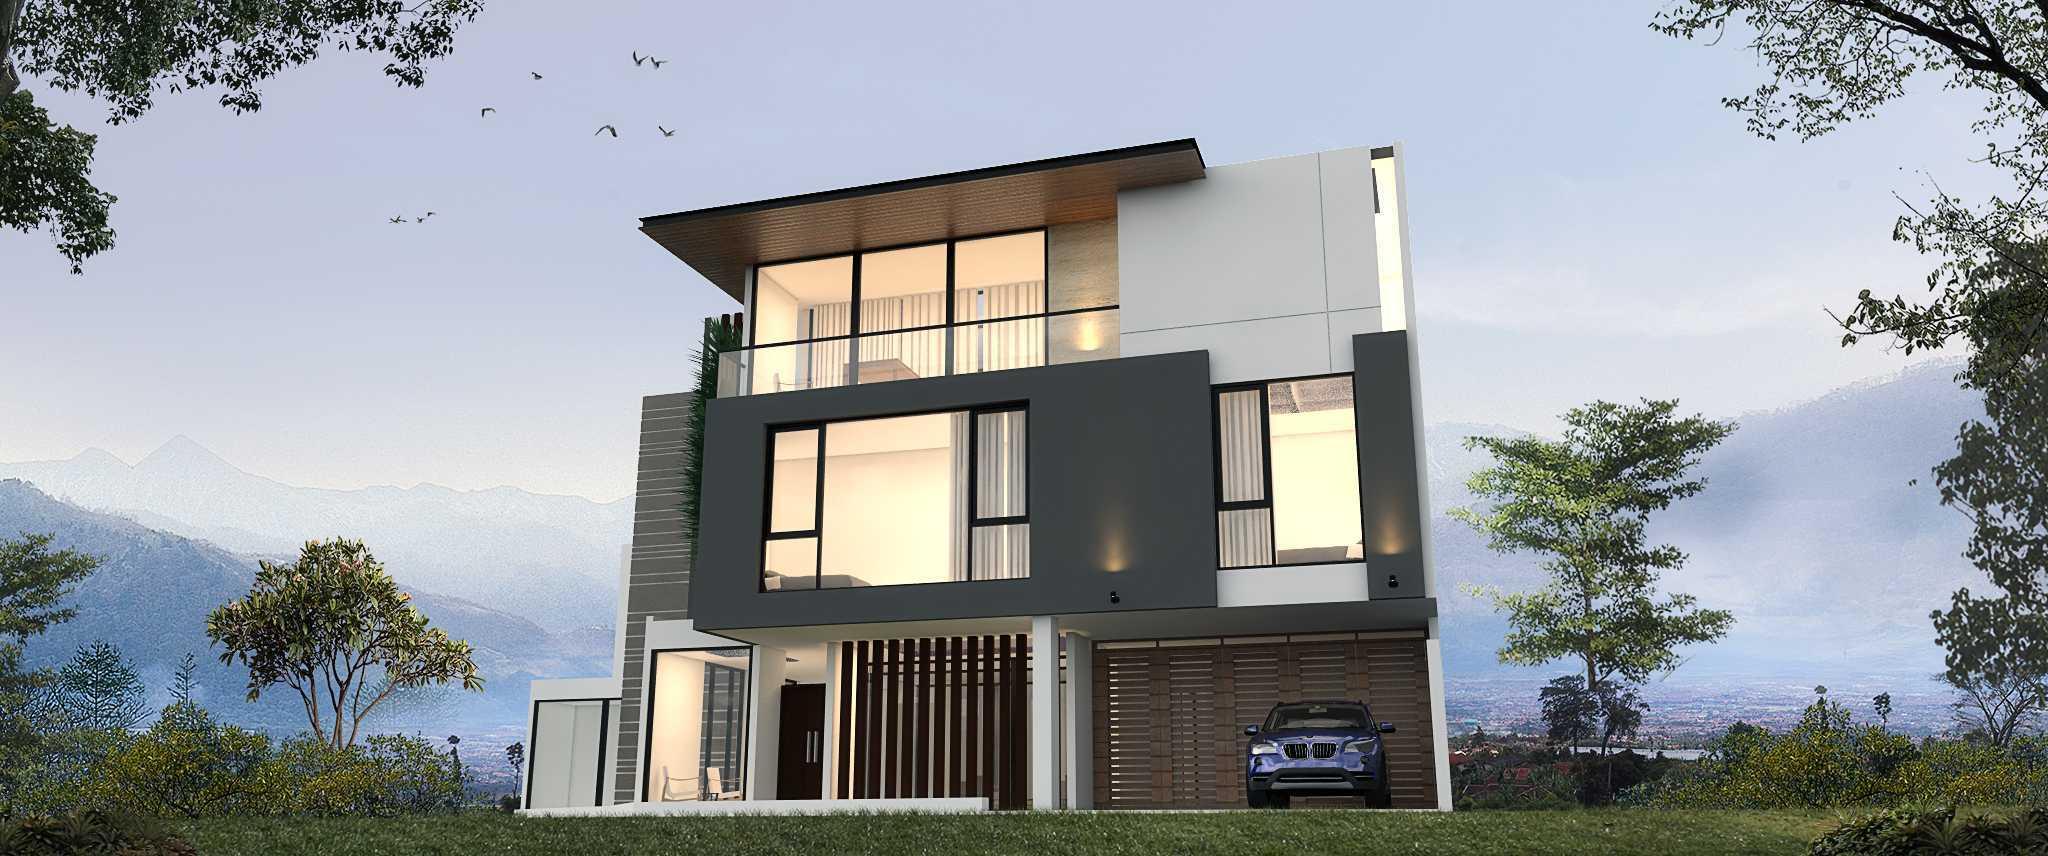 Sabio Design Modern House Surabaya Surabaya, Kota Sby, Jawa Timur, Indonesia Surabaya, Kota Sby, Jawa Timur, Indonesia Sabio-Design-Modern-House-Surabaya   119900